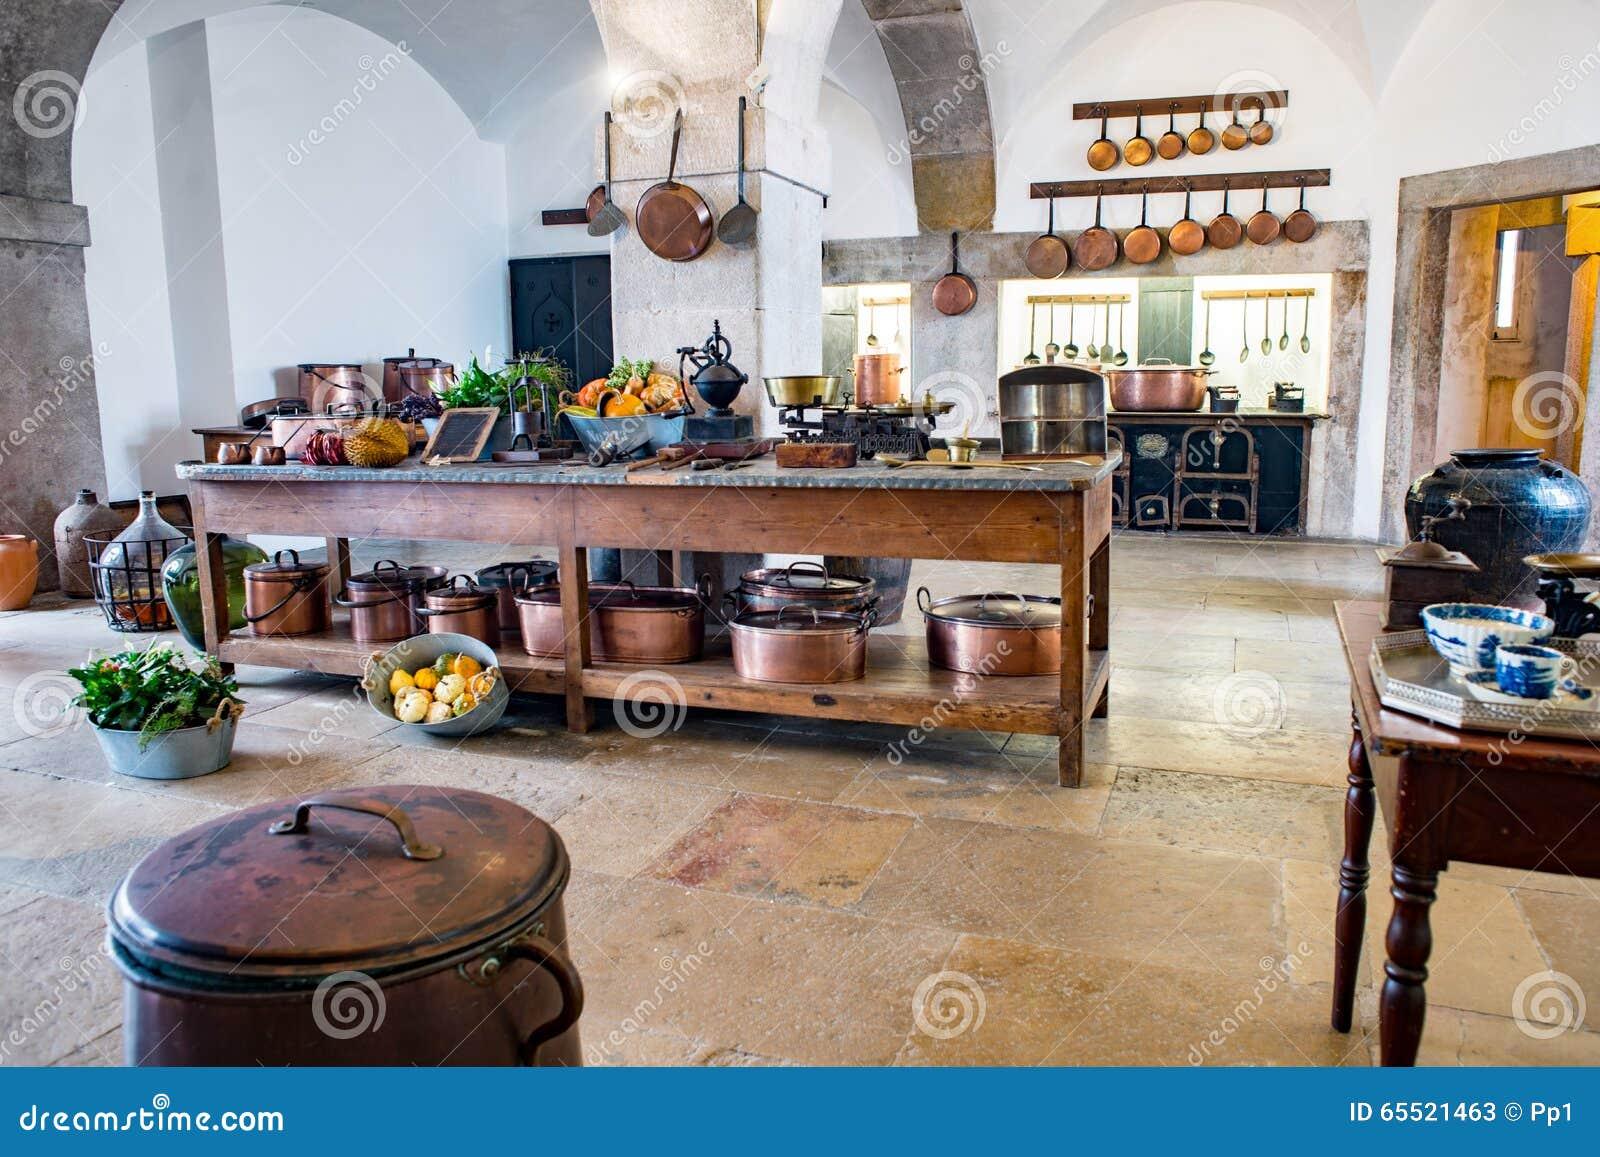 Oude middeleeuwse kasteelkeuken met materiaal en decoratie stock